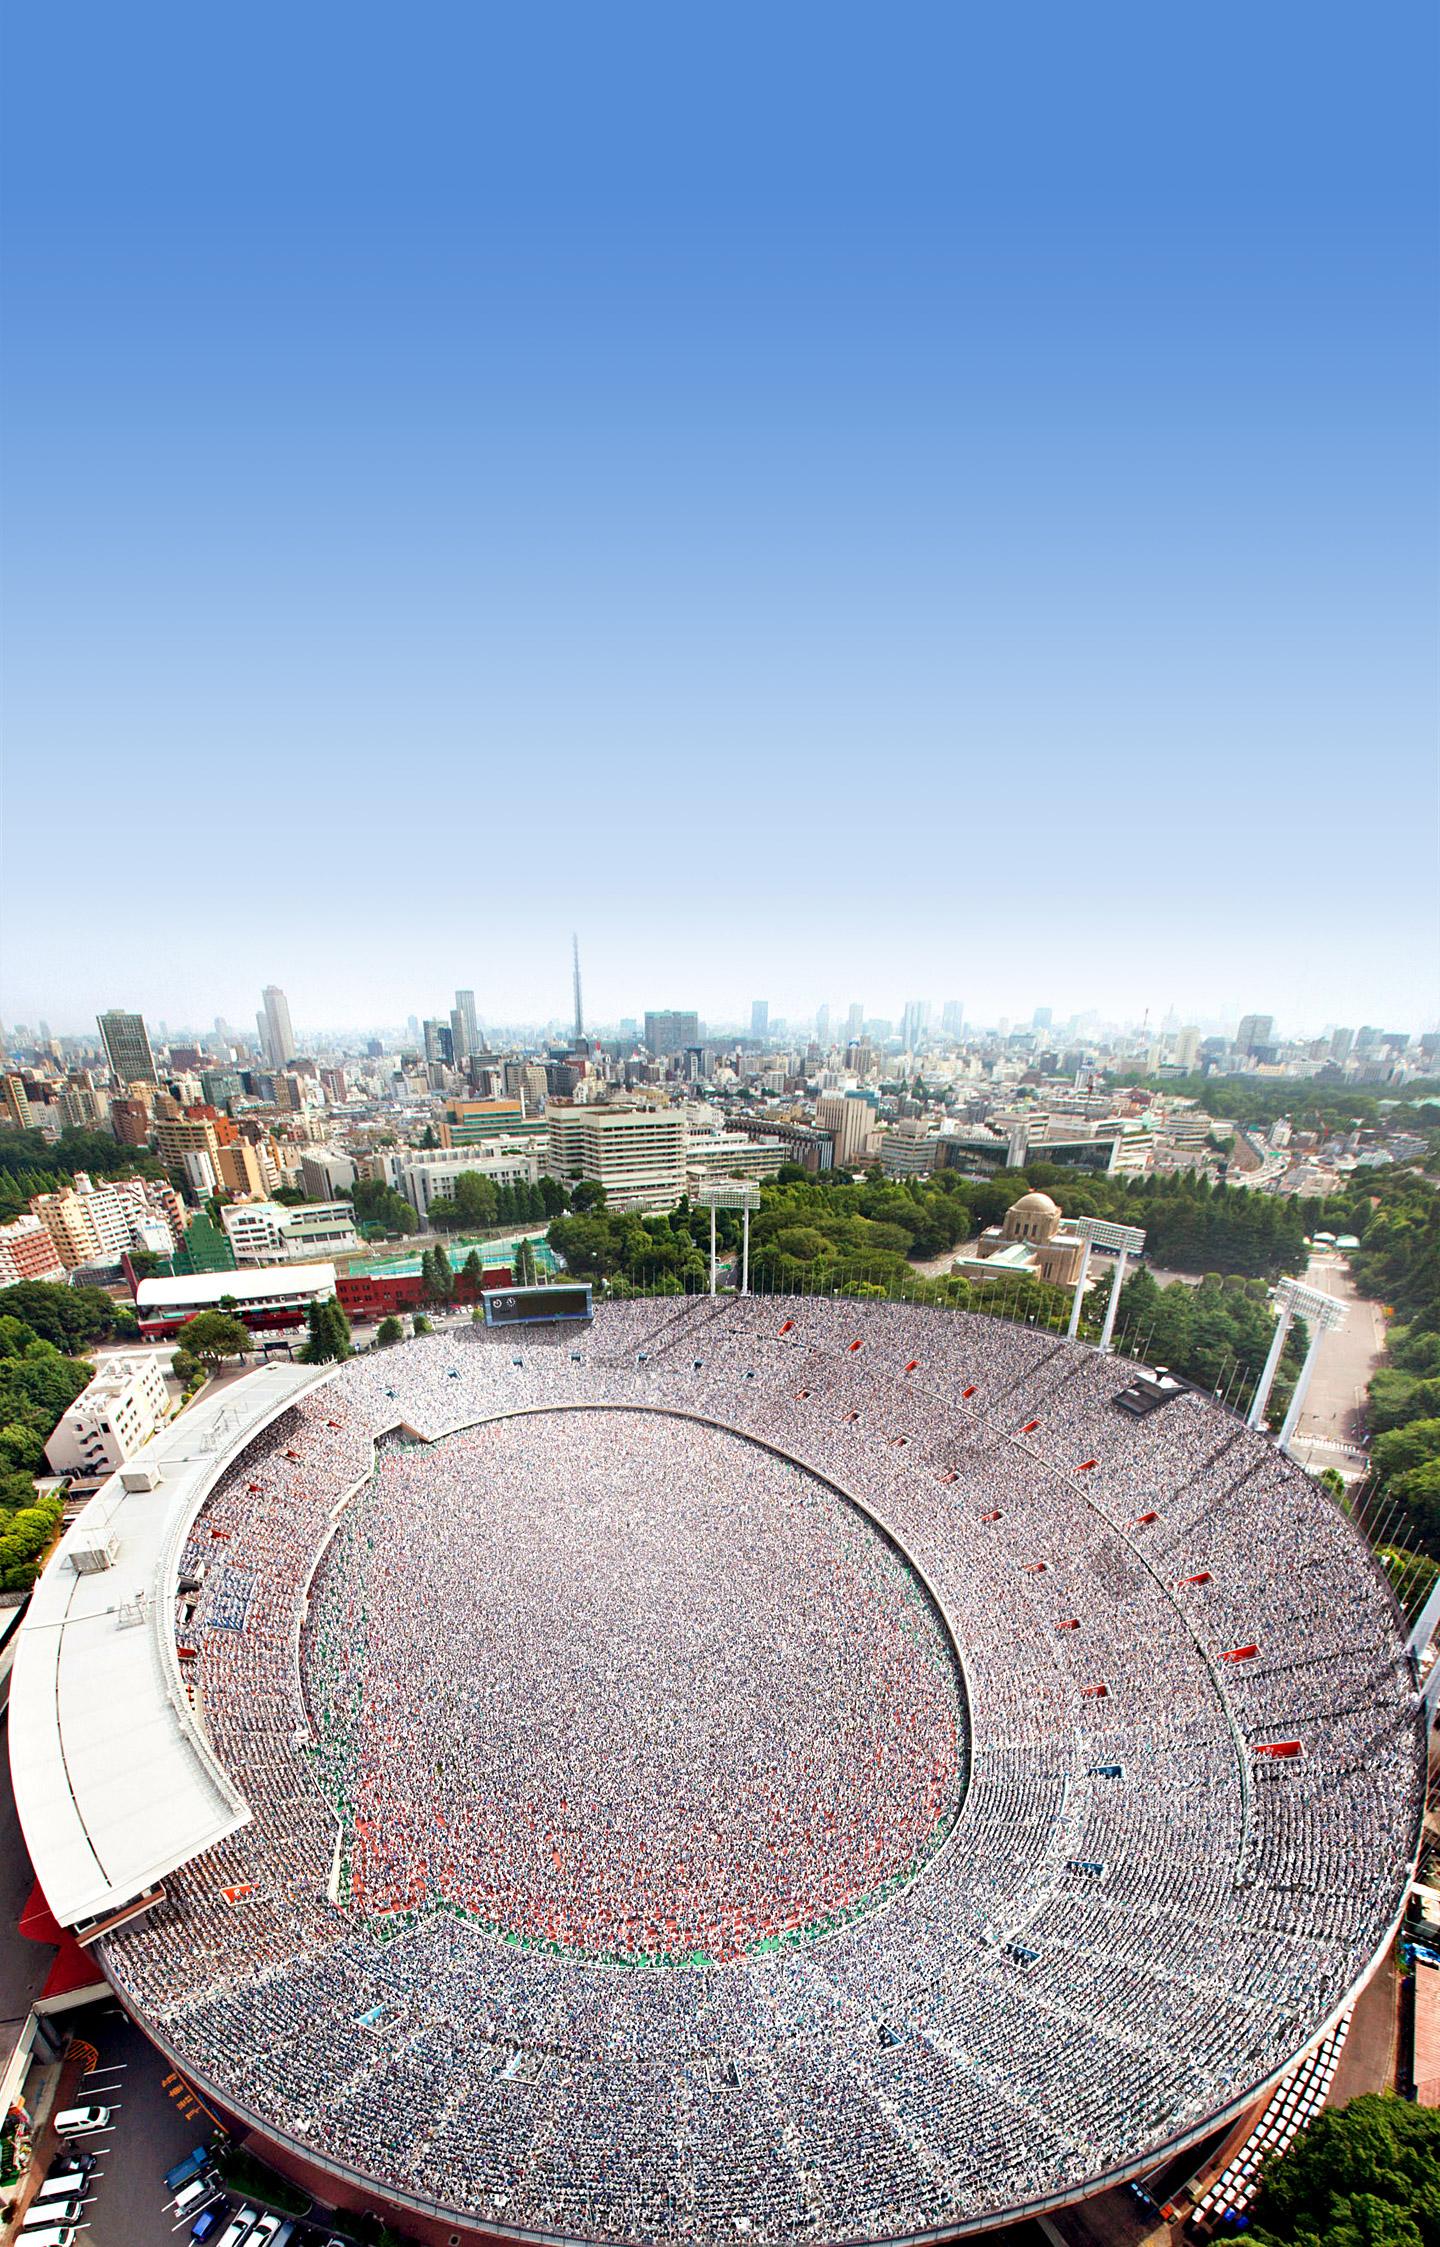 Concurso Internacional do Novo Estádio Nacional do Japão organizado por Tadao Ando